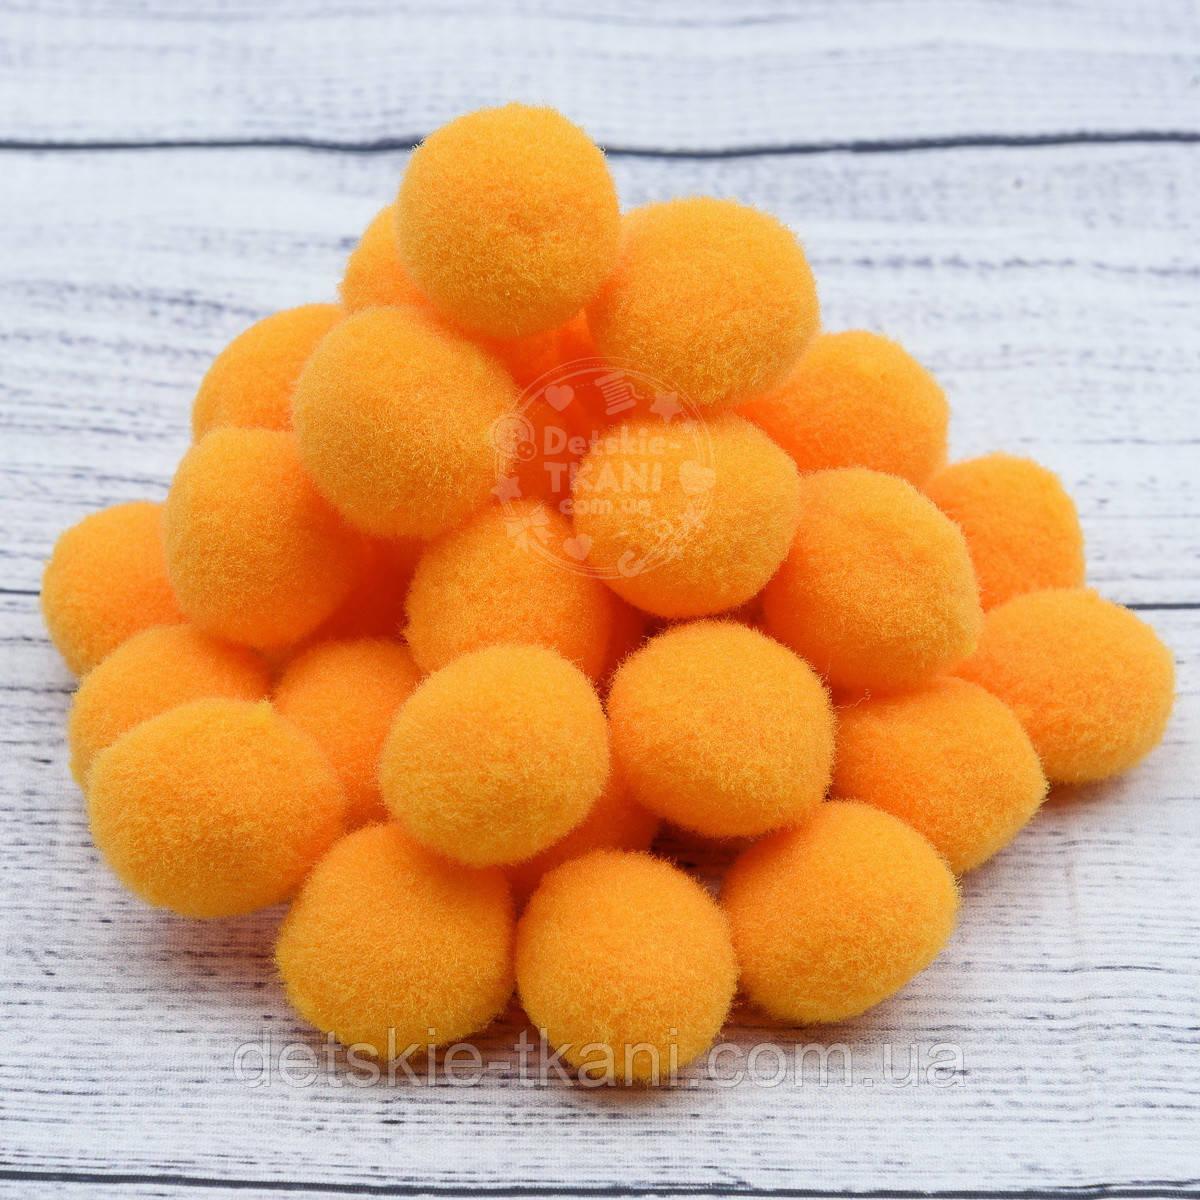 Плюшевые помпоны оранжевого цвета 20 мм, упаковка 20 шт